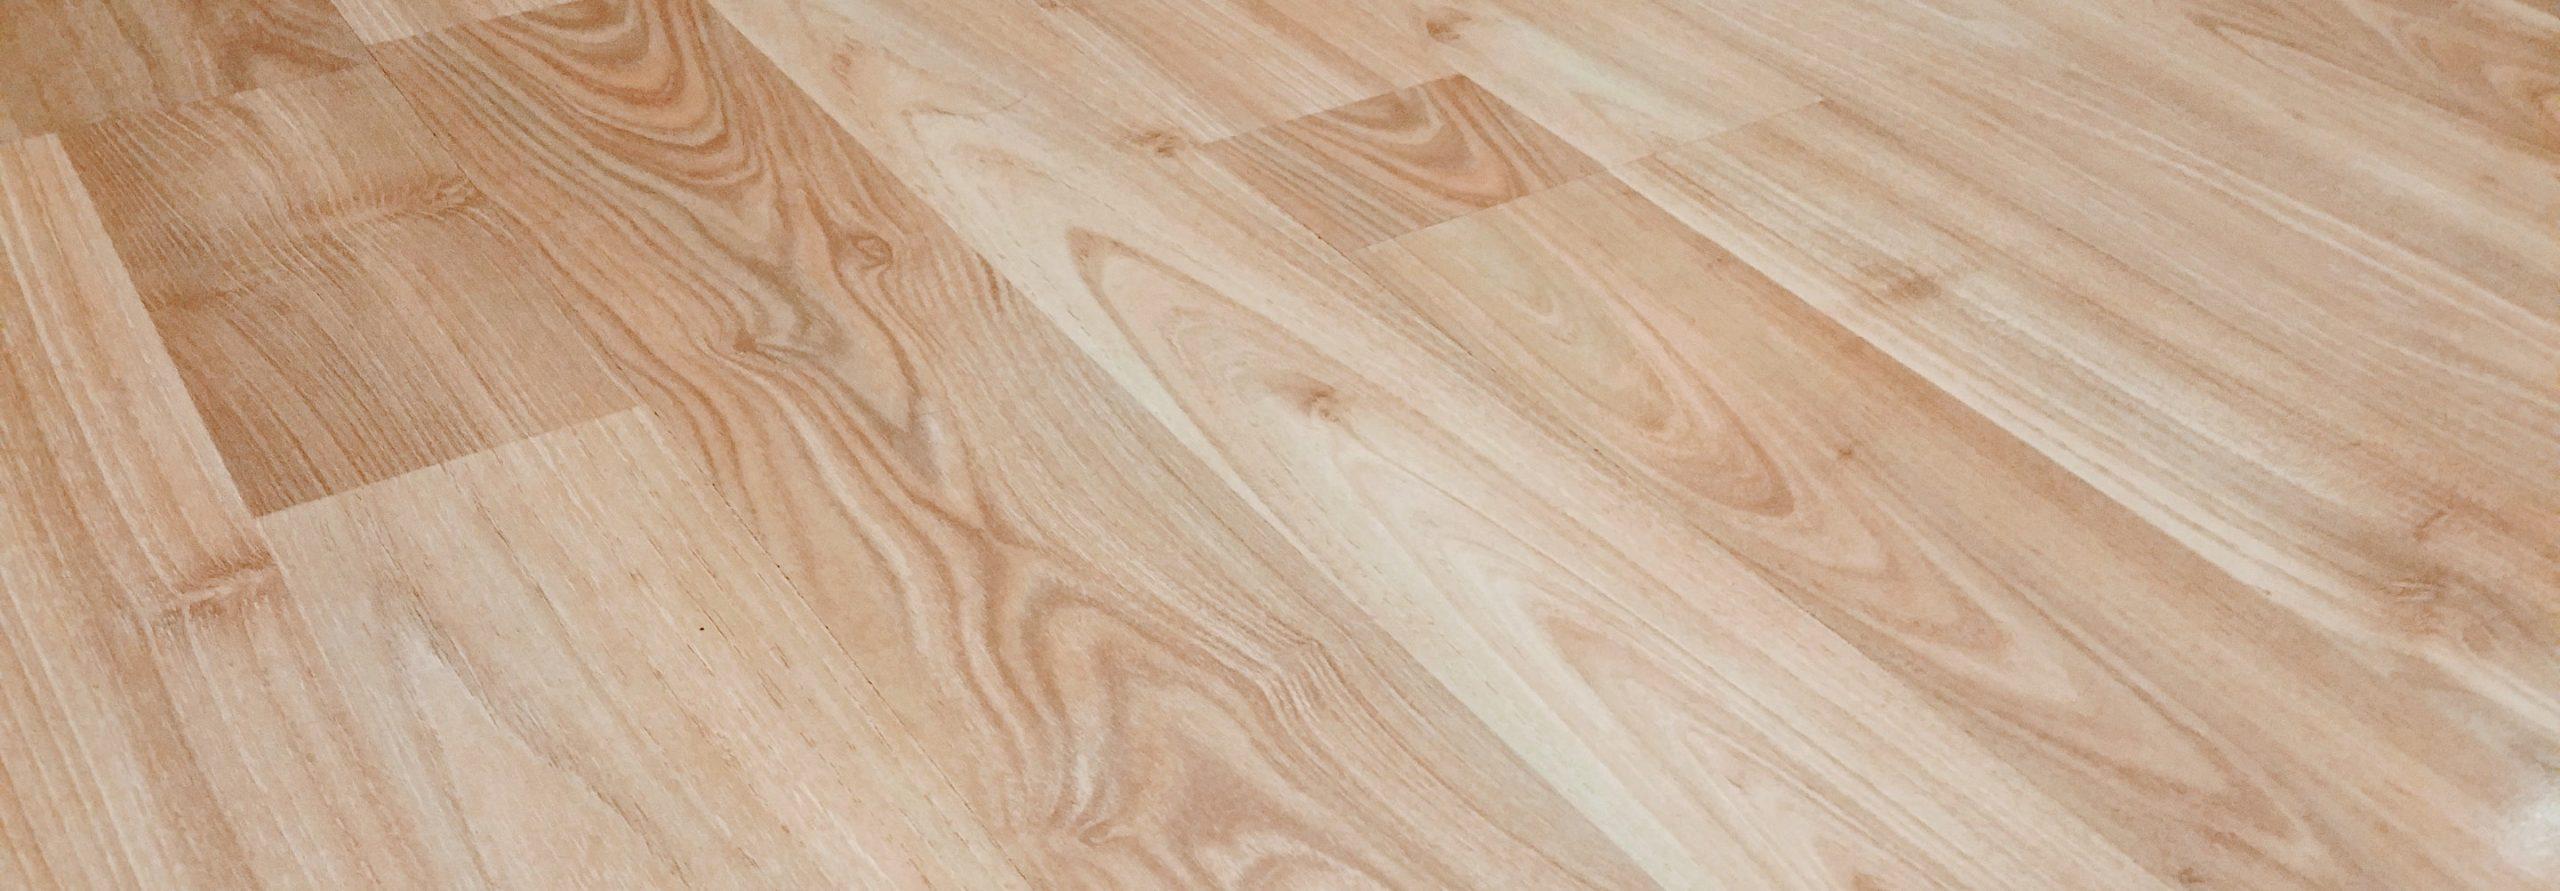 golv-uppsala-trägolv